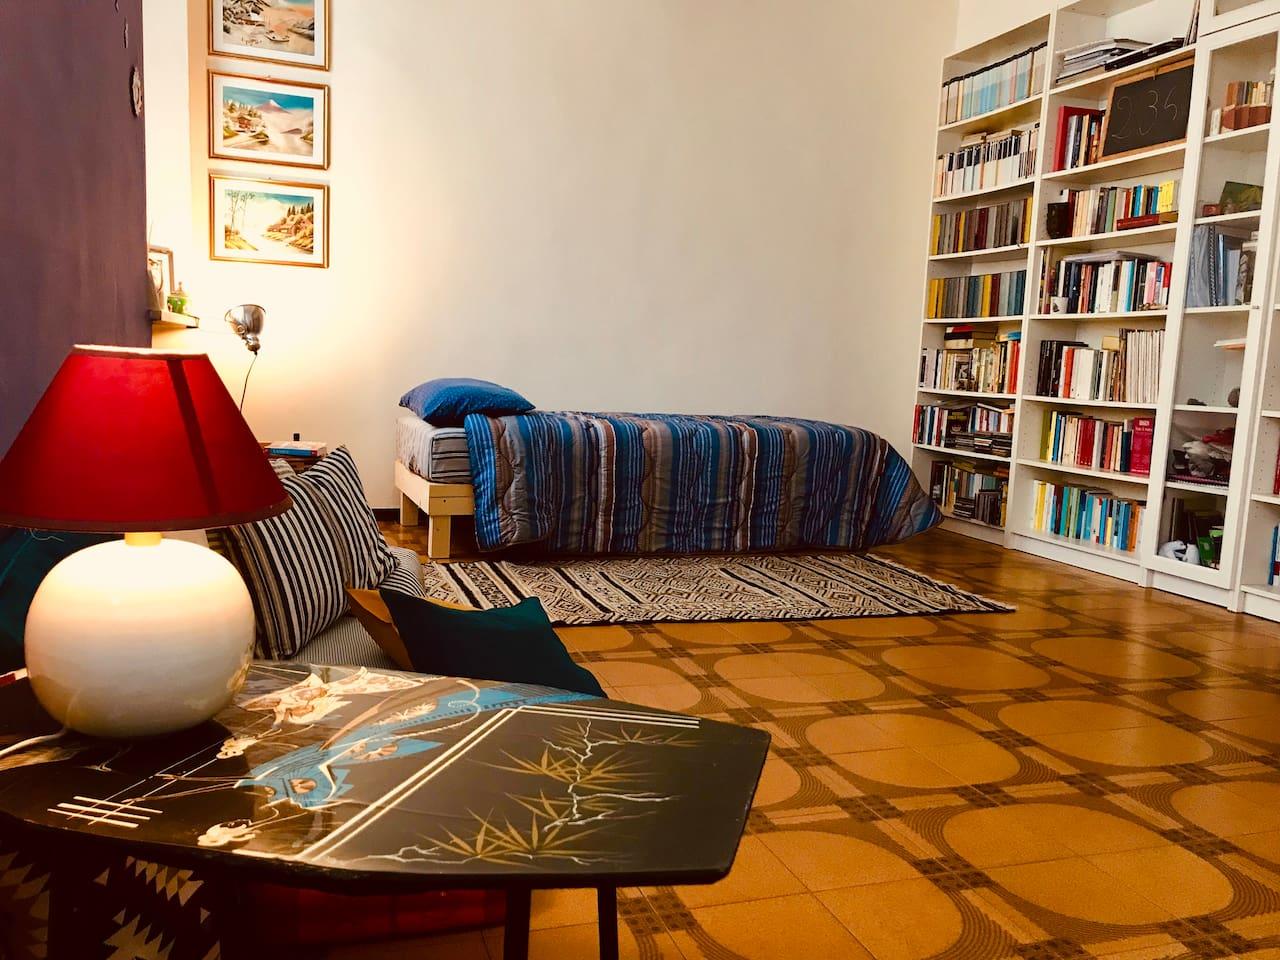 il letto nuovissimo e un'offerta di libri per tutti i gusti!